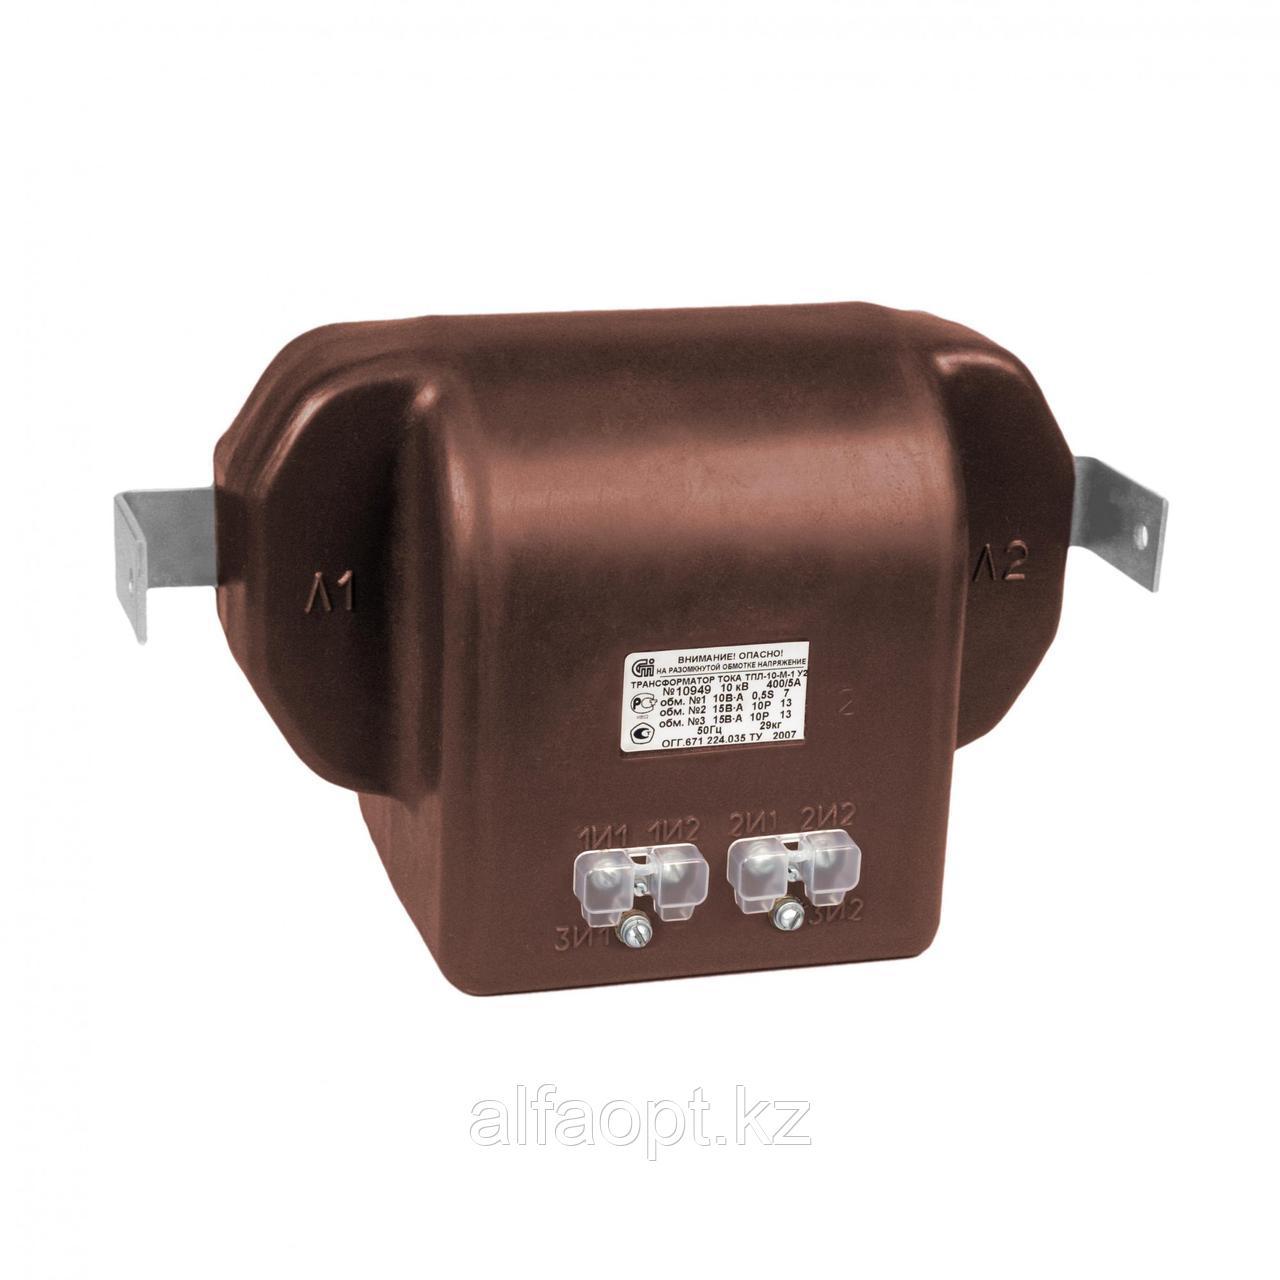 Проходной трансформатор тока ТПЛ 10-М-0,5/10Р-100/5 У2